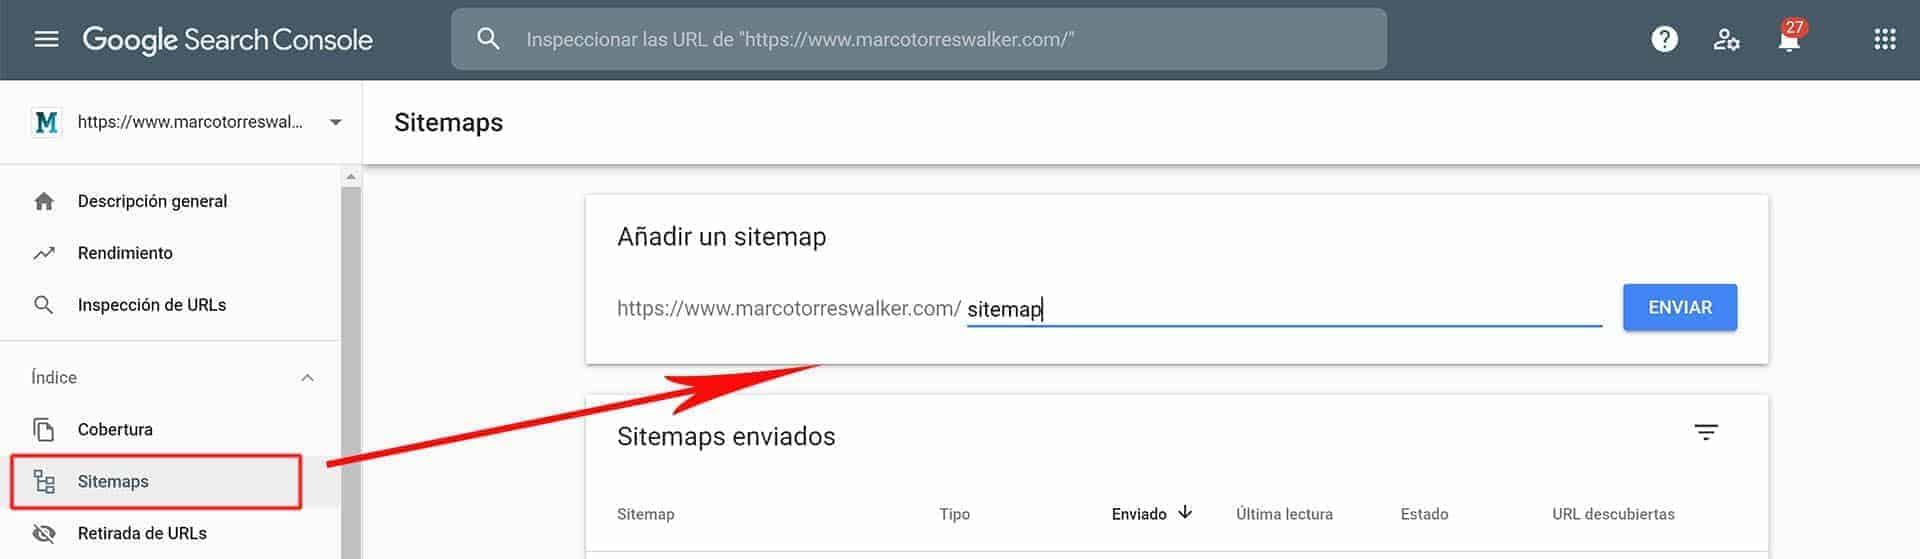 Qué es indexar. Mandar o actualizar sitemap.